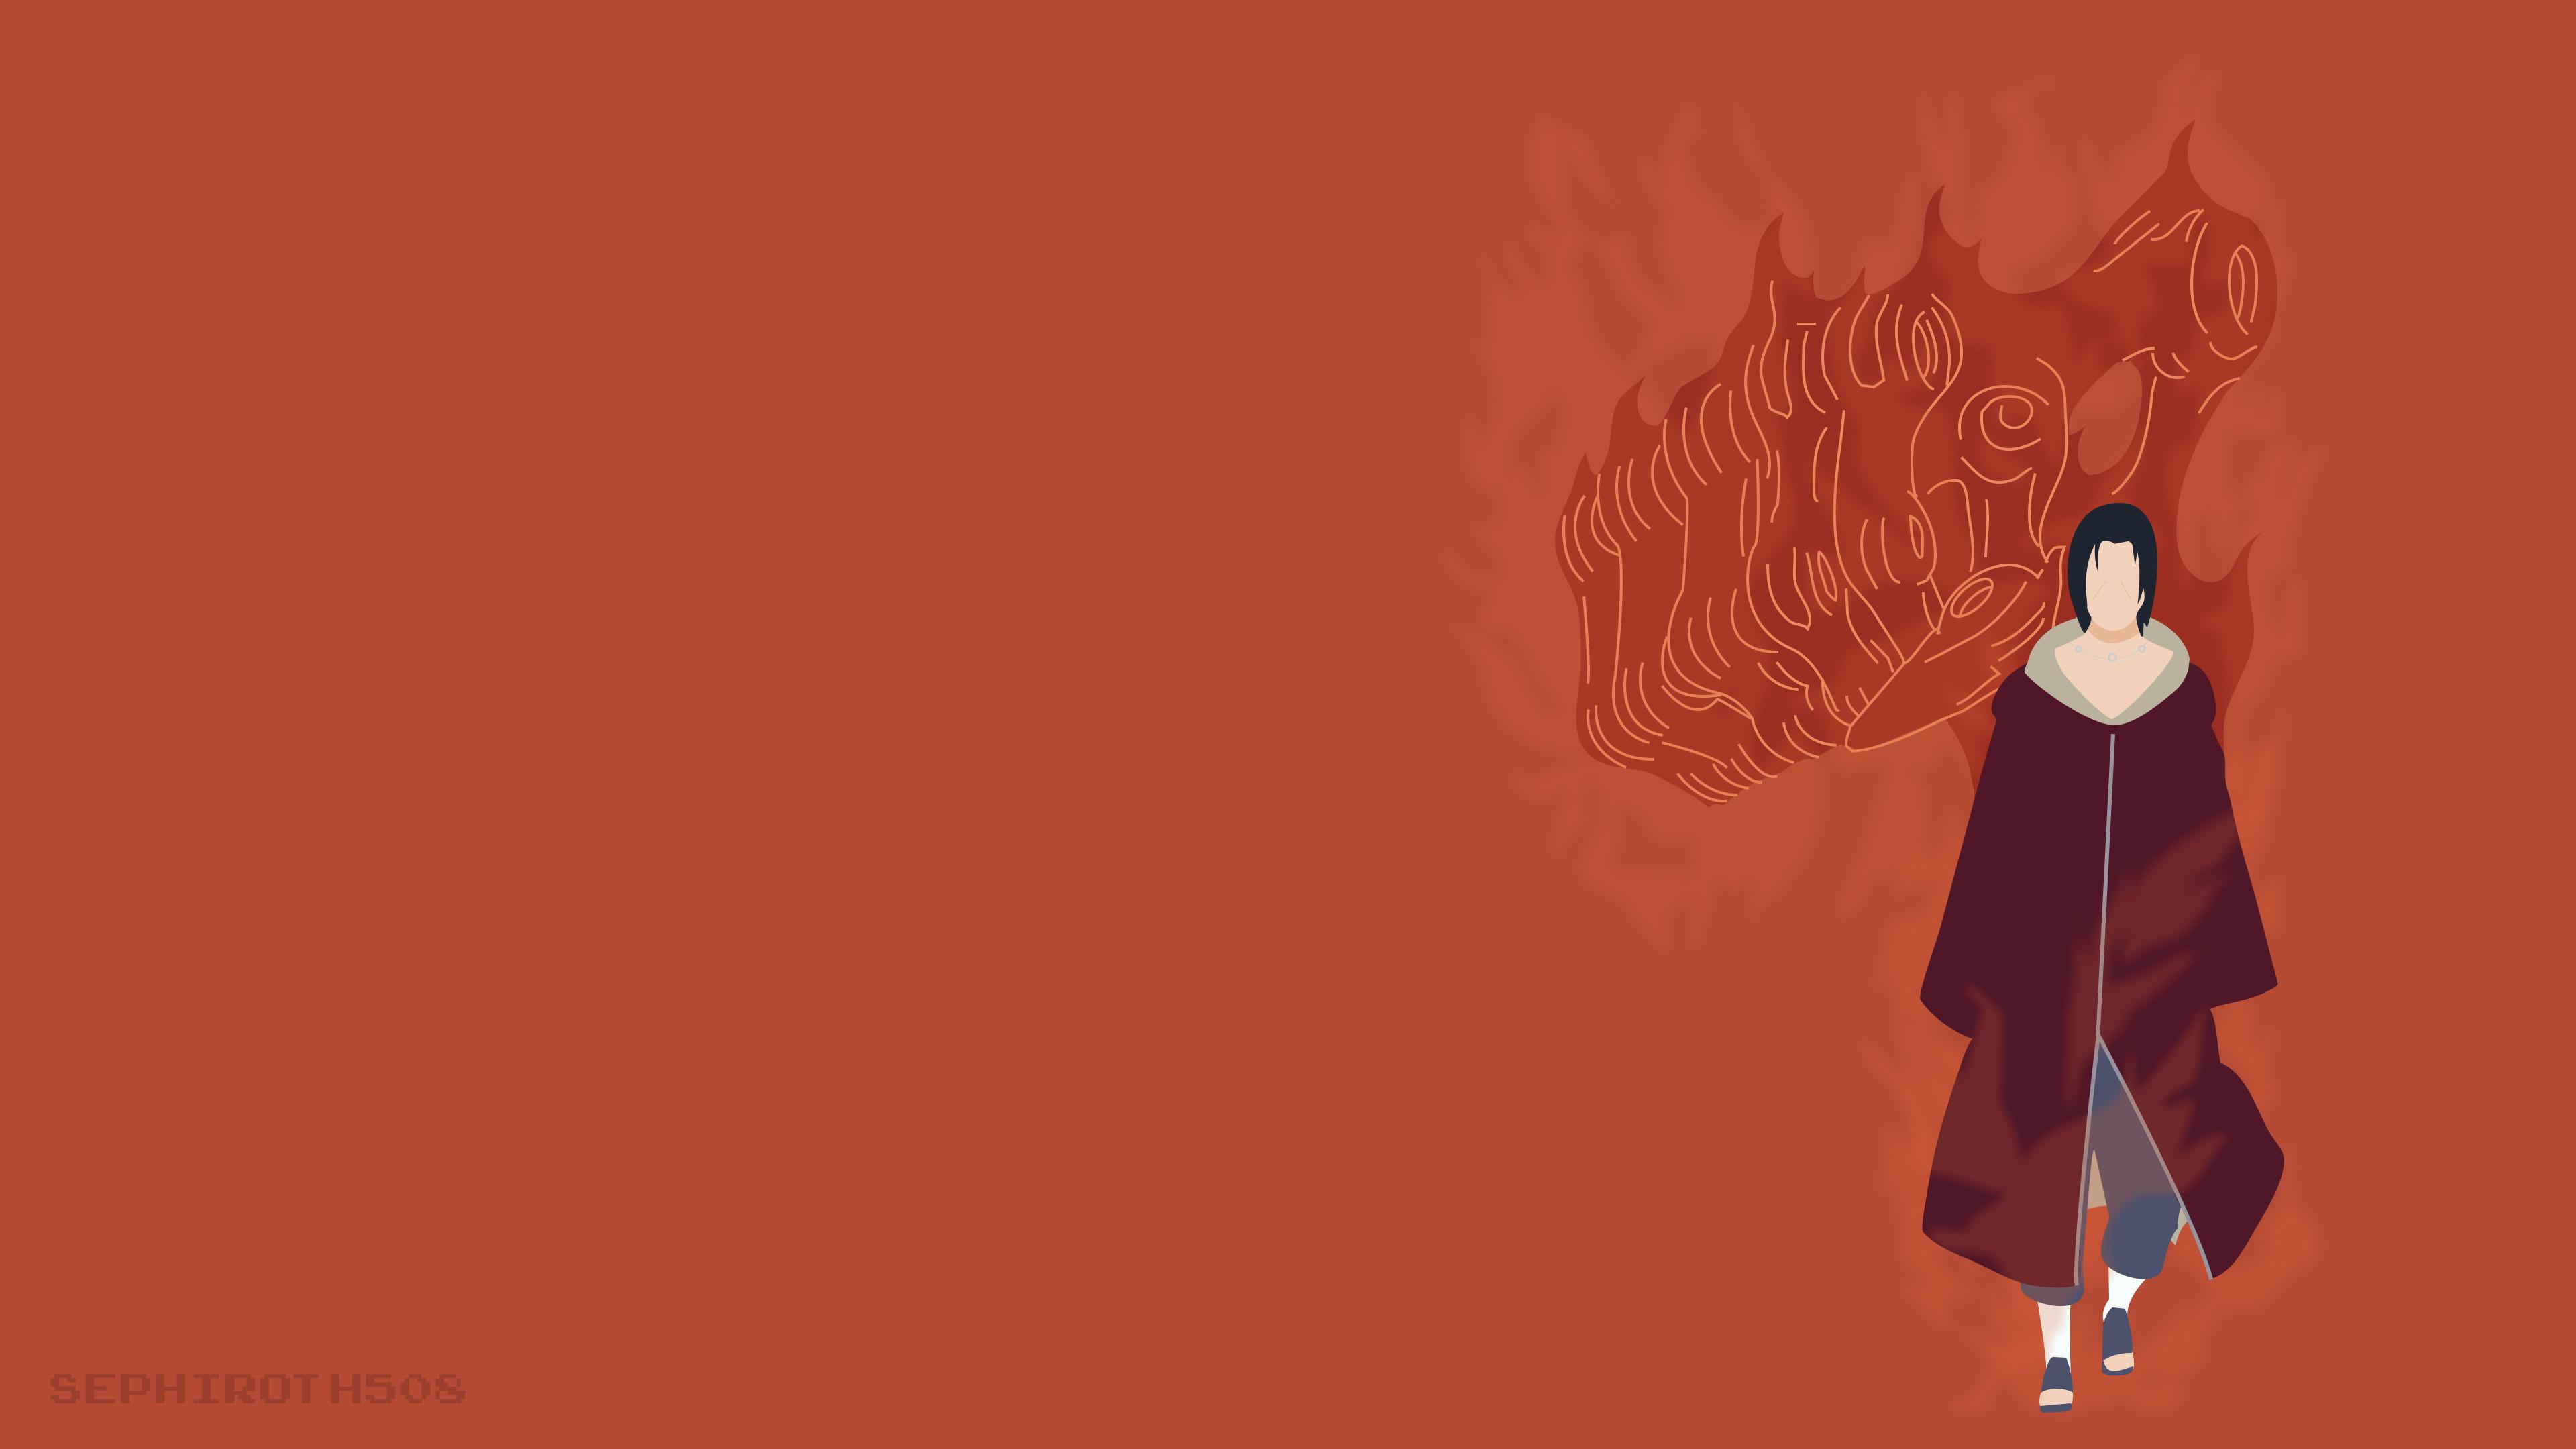 Itachi Susanoo Wallpaper (63+ Images